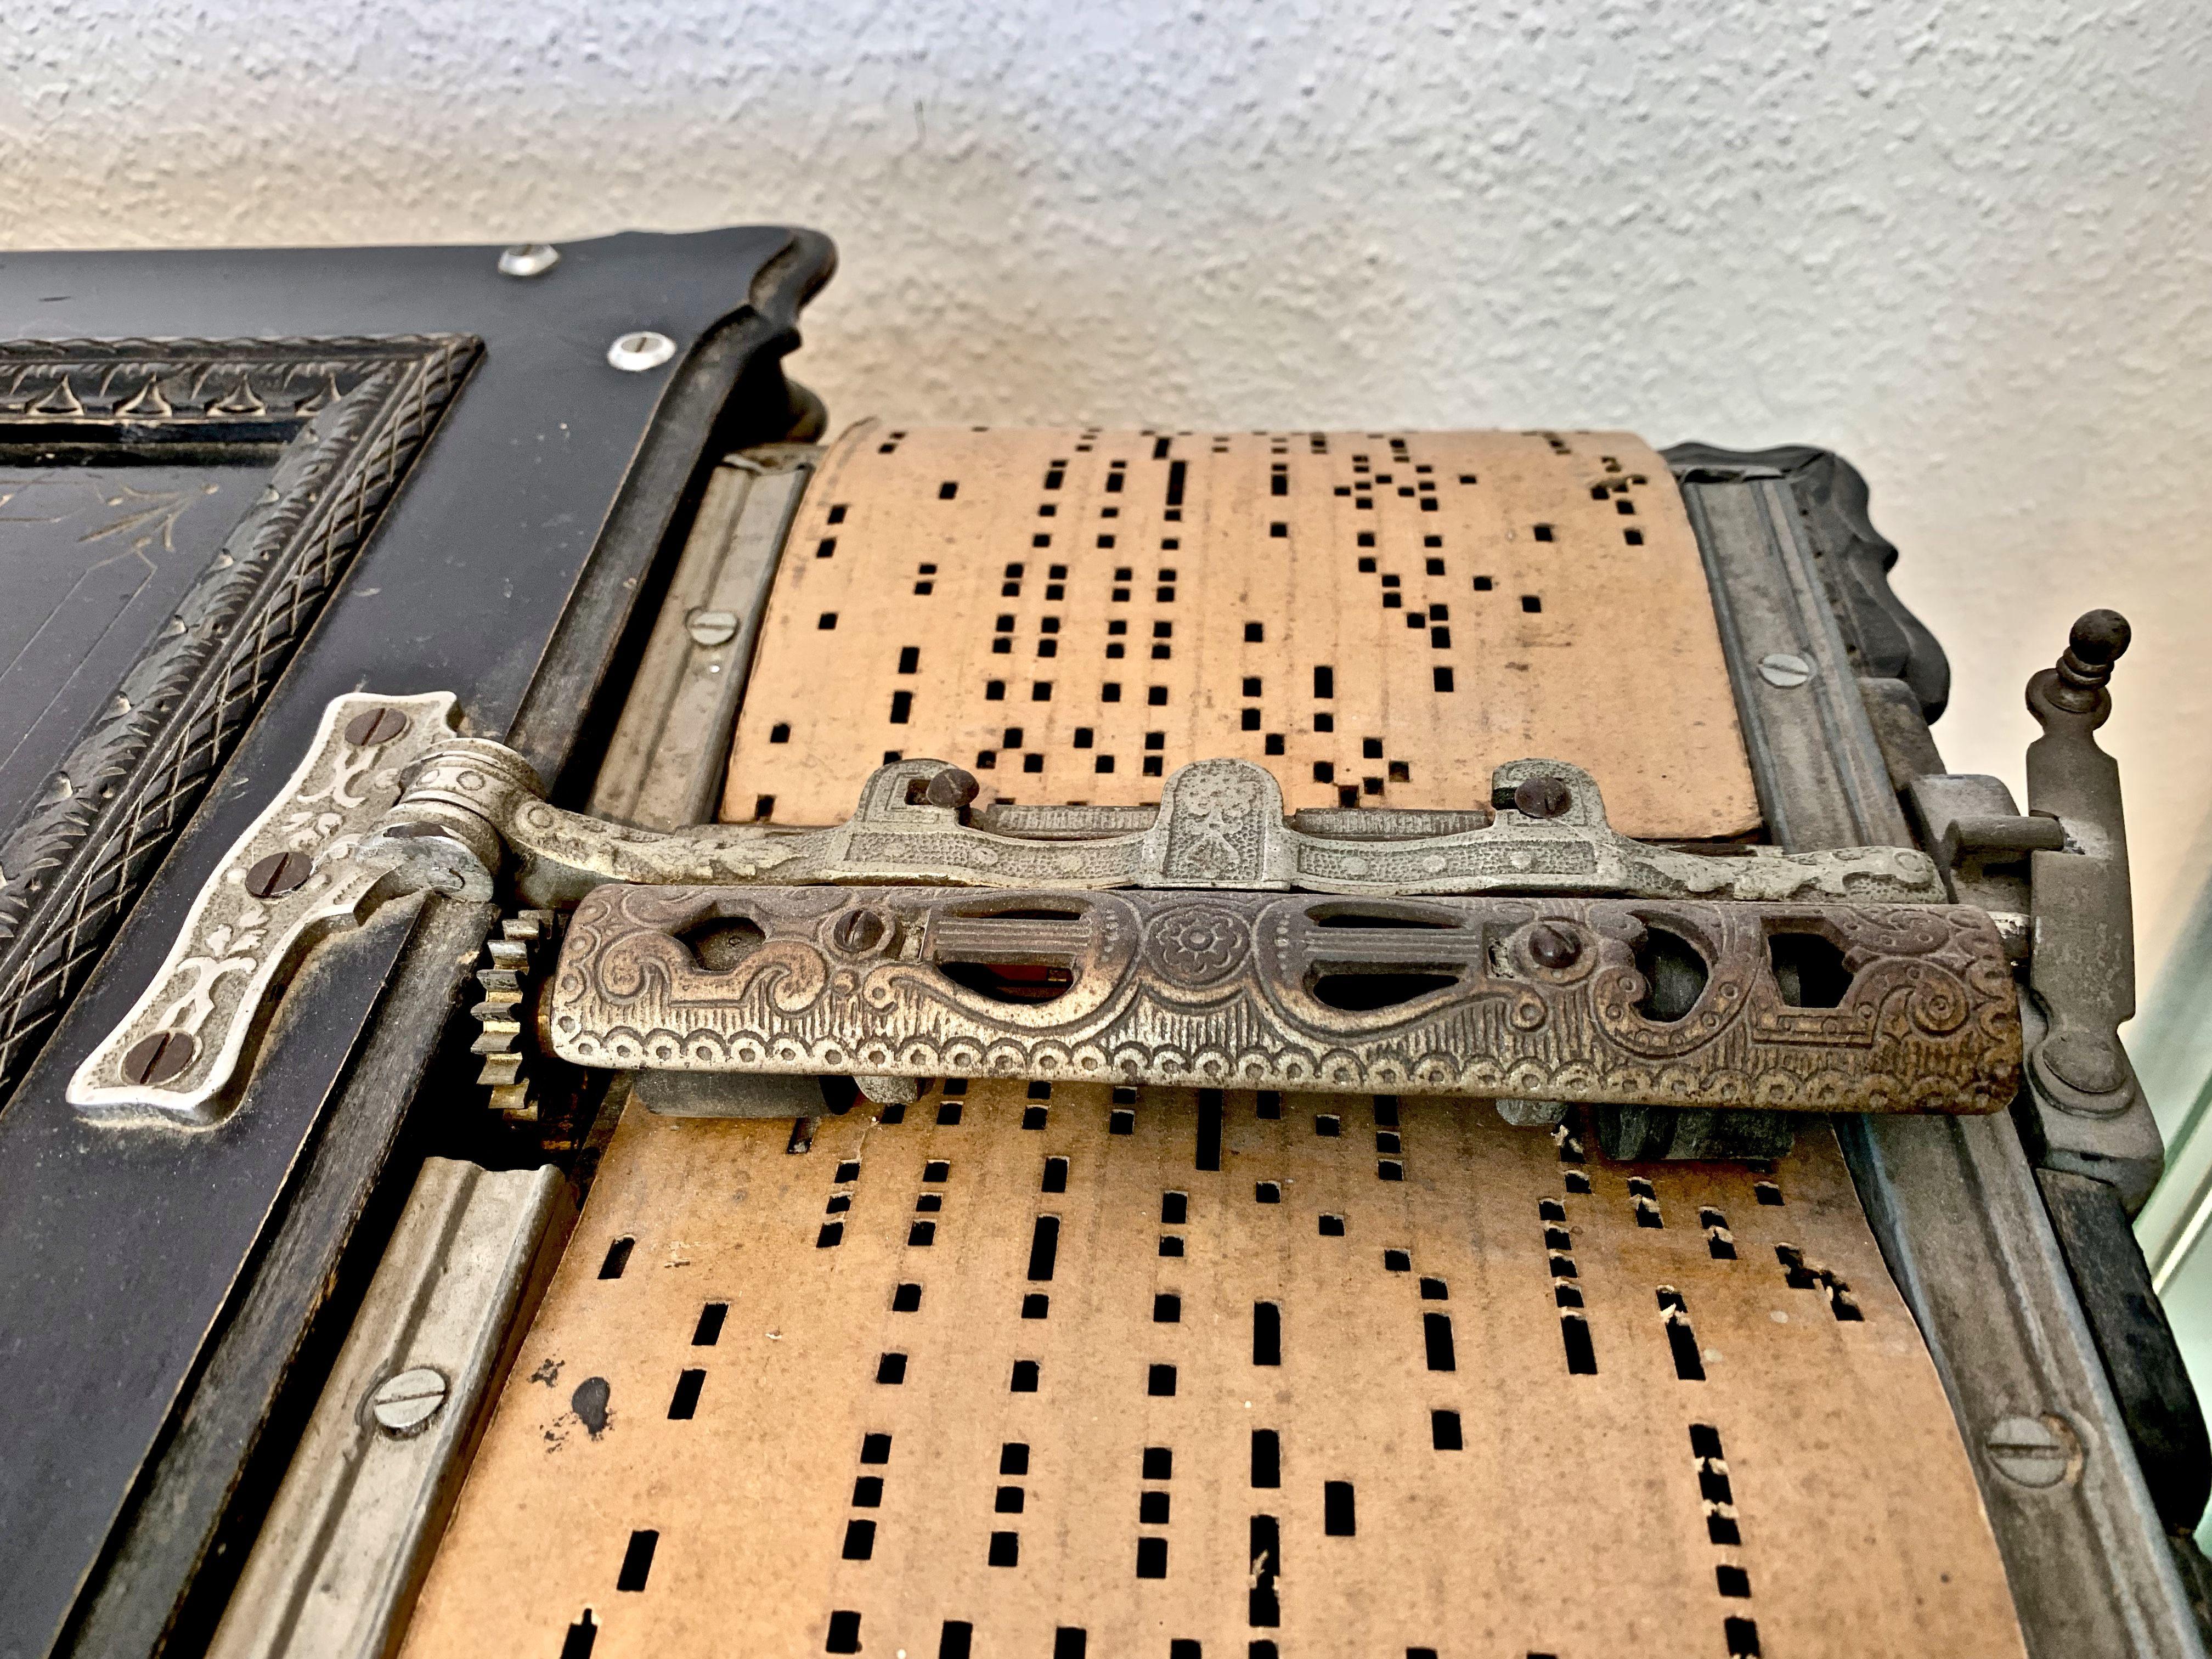 Les Incroyables Instruments De Musique Mecanique Instruments